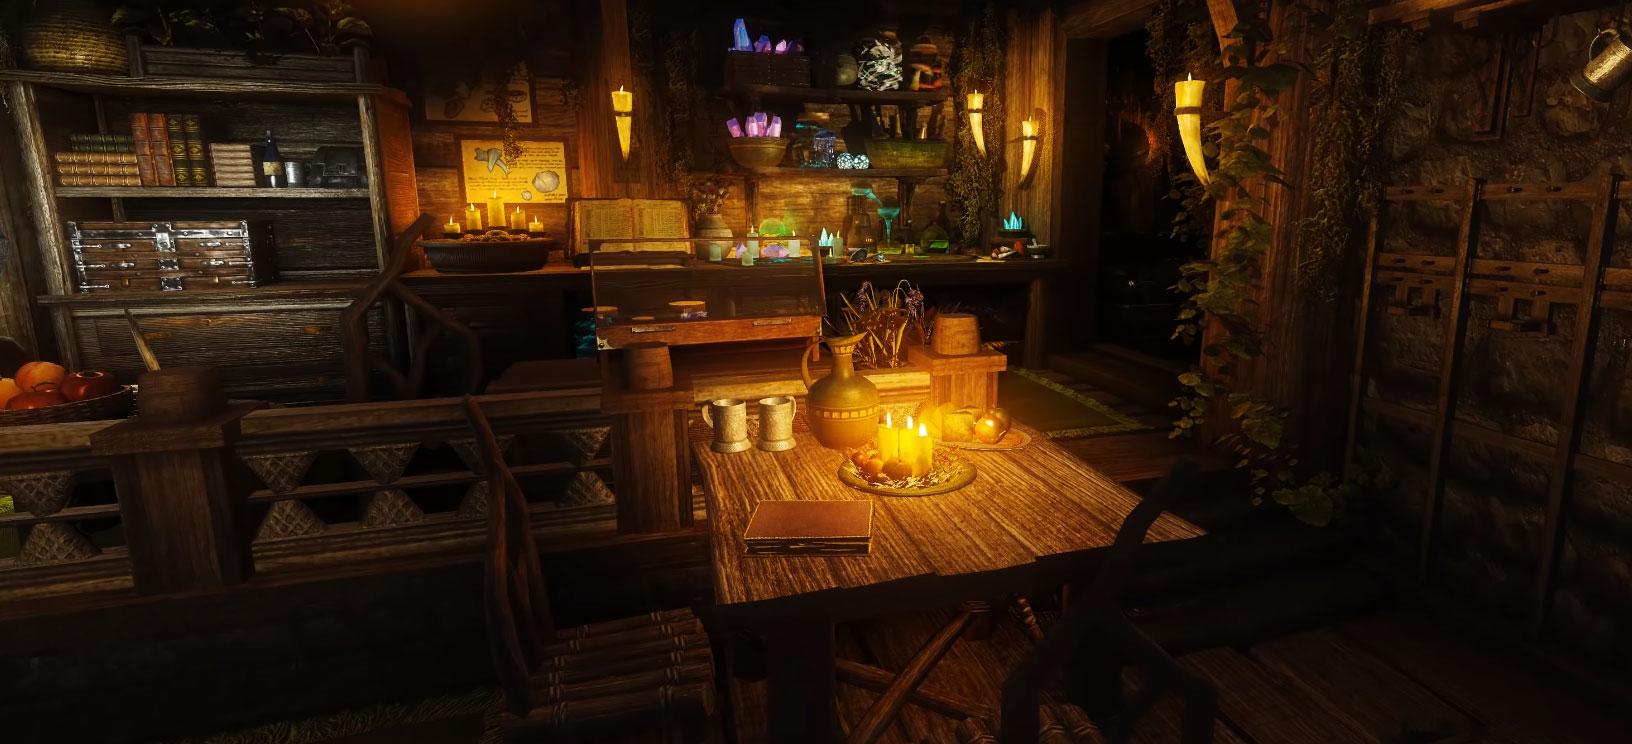 News: Reshade ray tracing makes Skyrim look like new   MegaGames